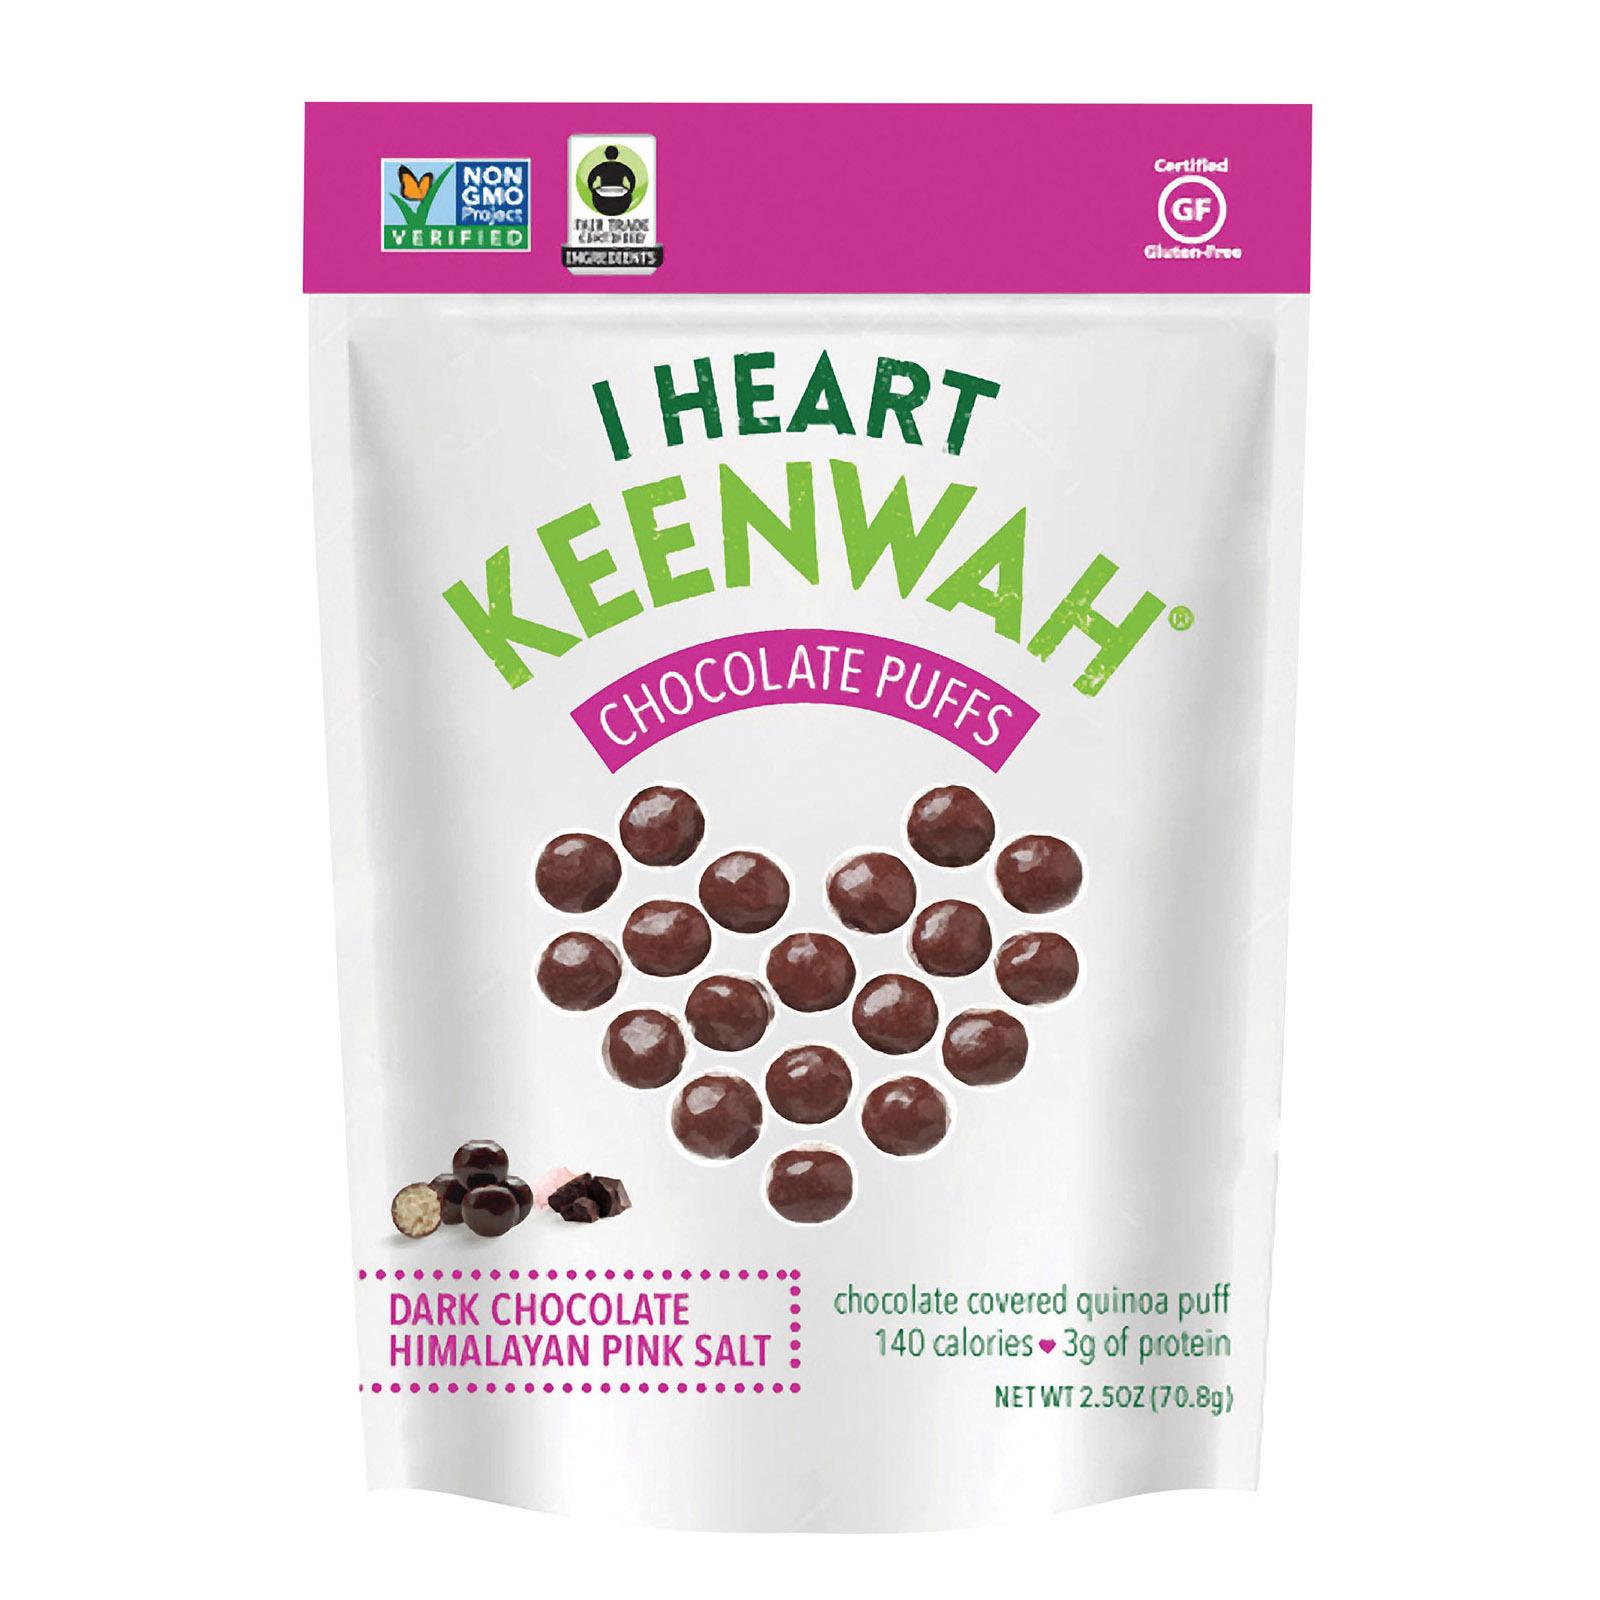 I Heart Keenwah Chocolate Puffs - Himalayan Pink Salt - Case of 6 - 2.5 oz.